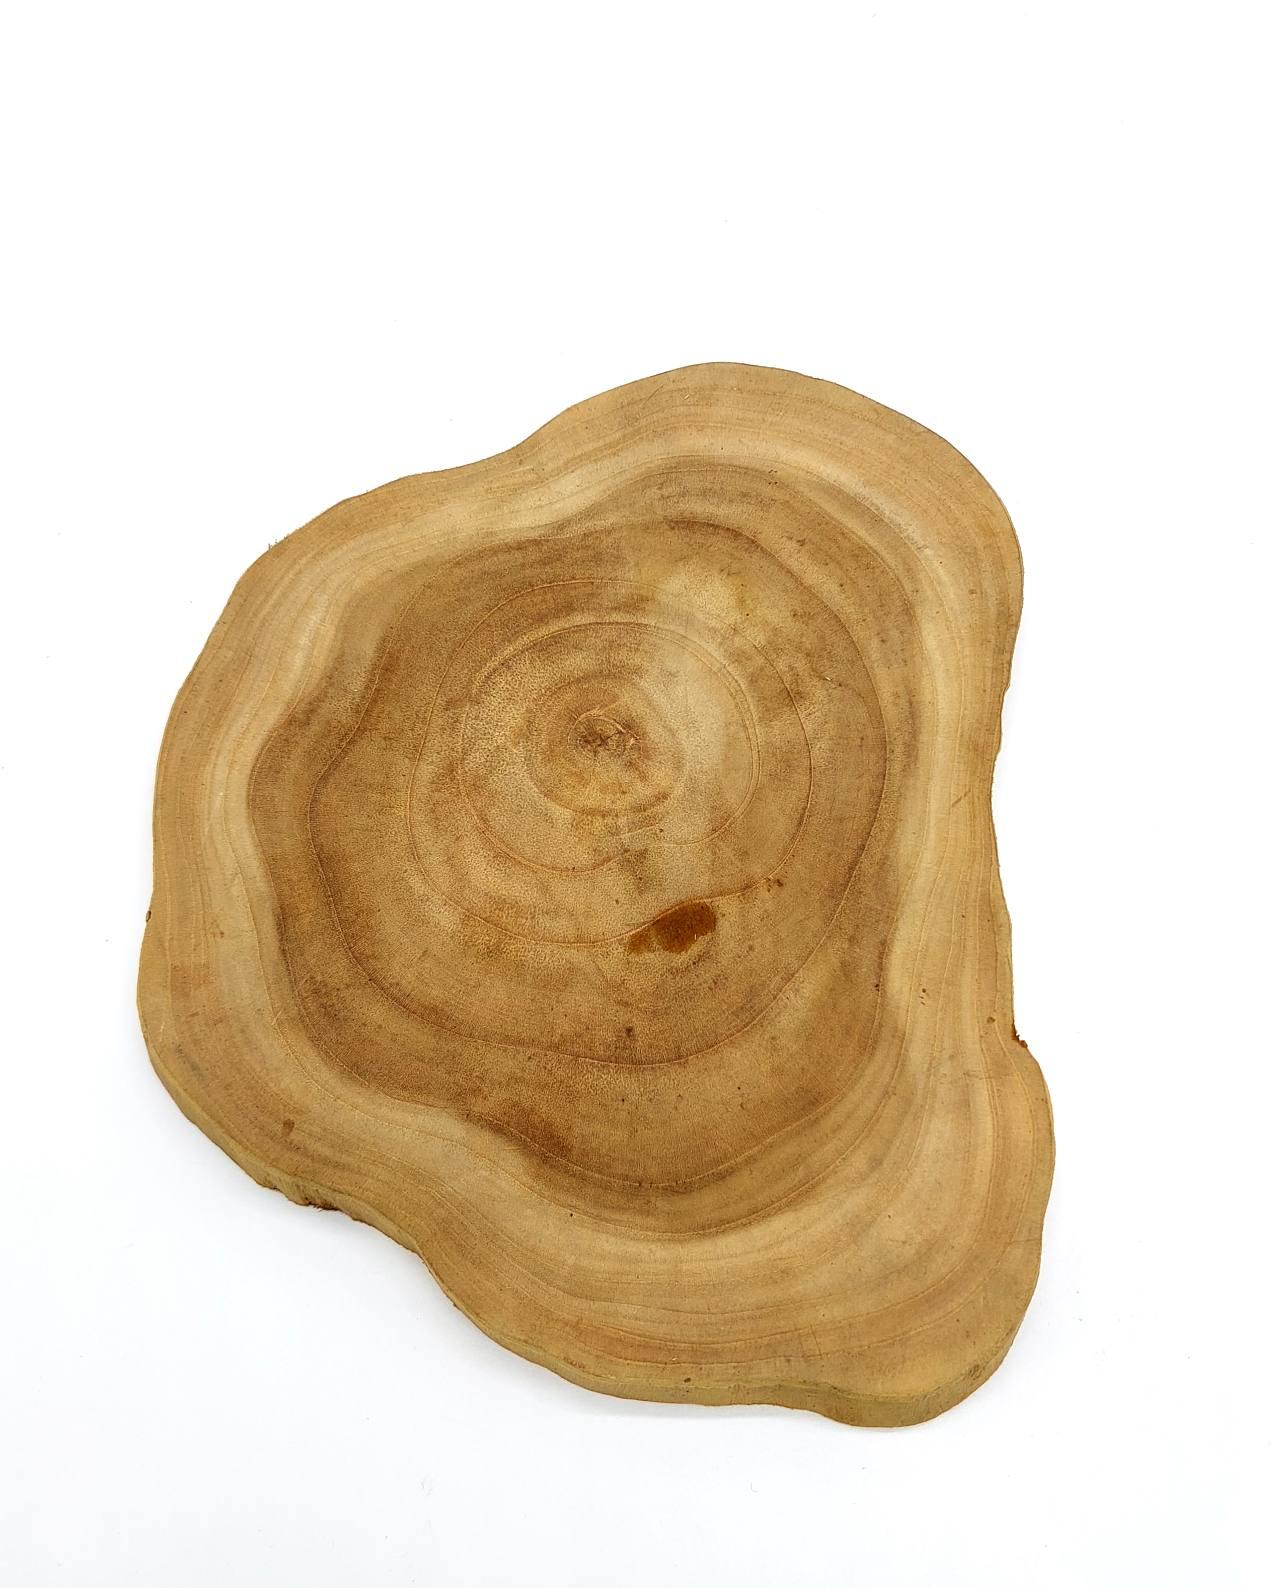 Board Teak Wood Board Diameter 25 cm